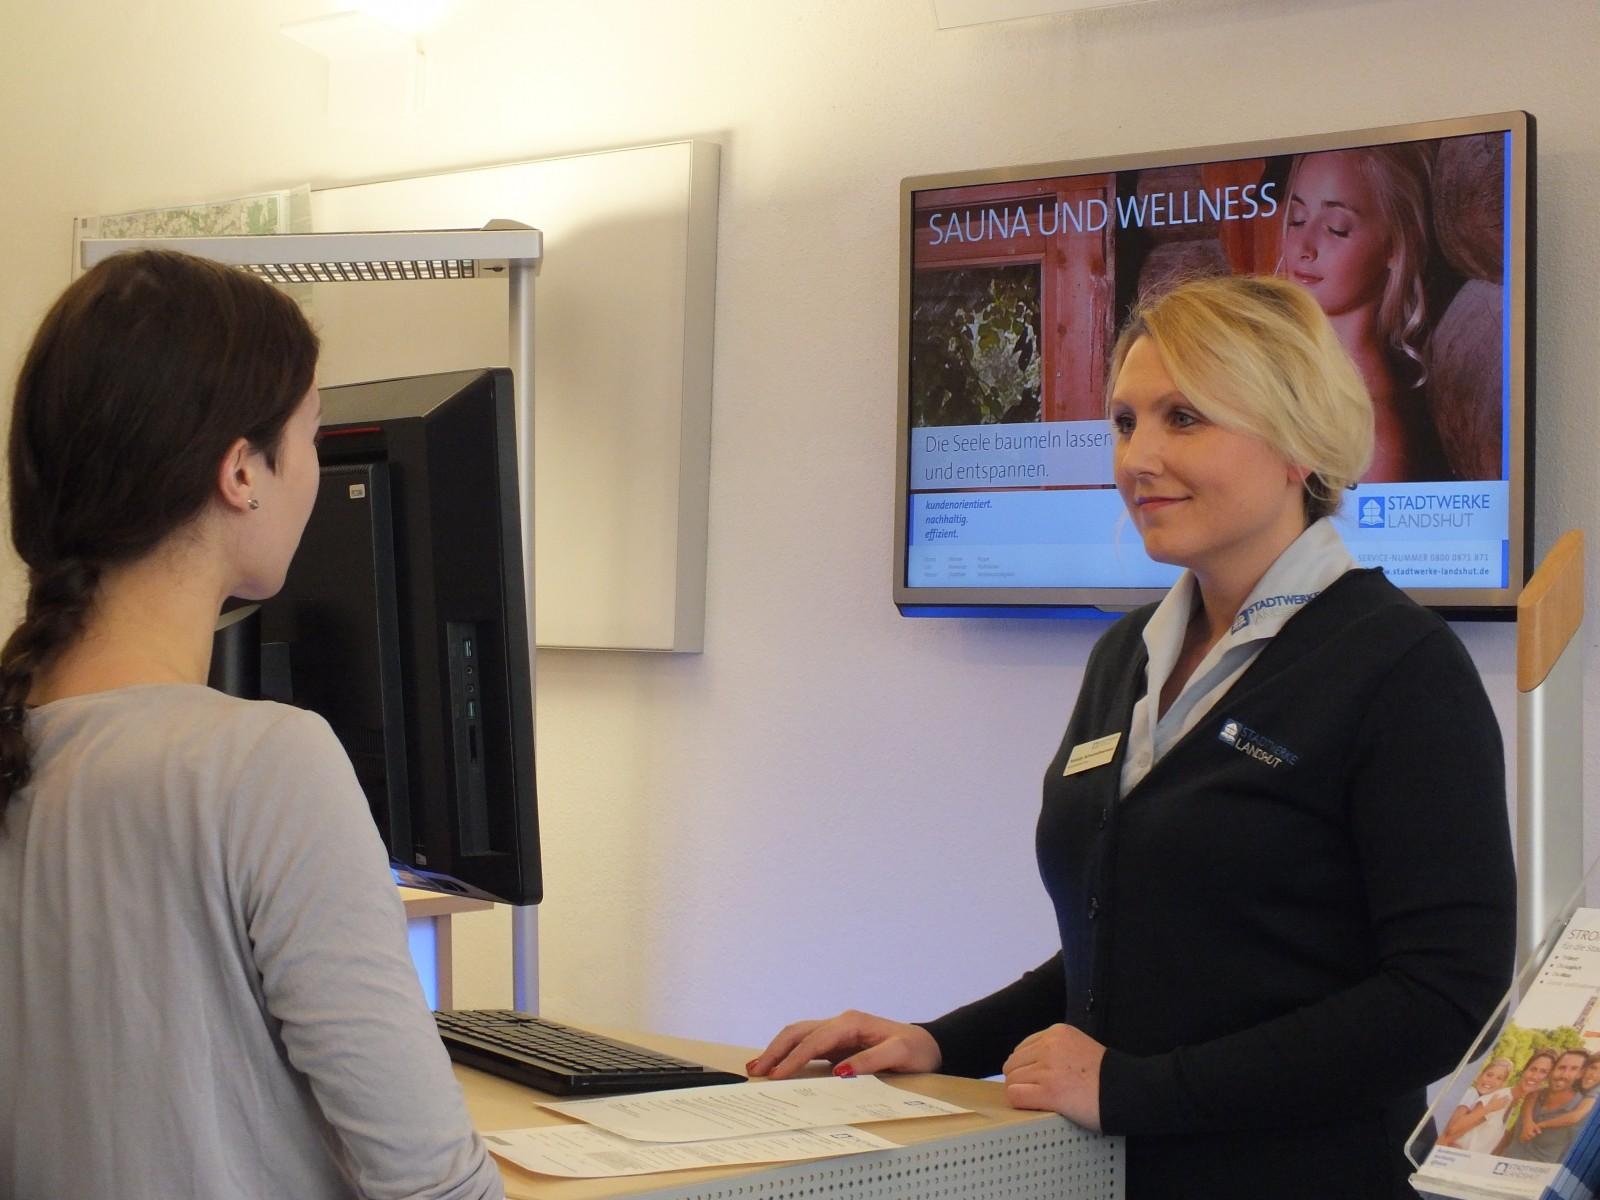 Individuelle Kundenberatung im Kundenzentrum